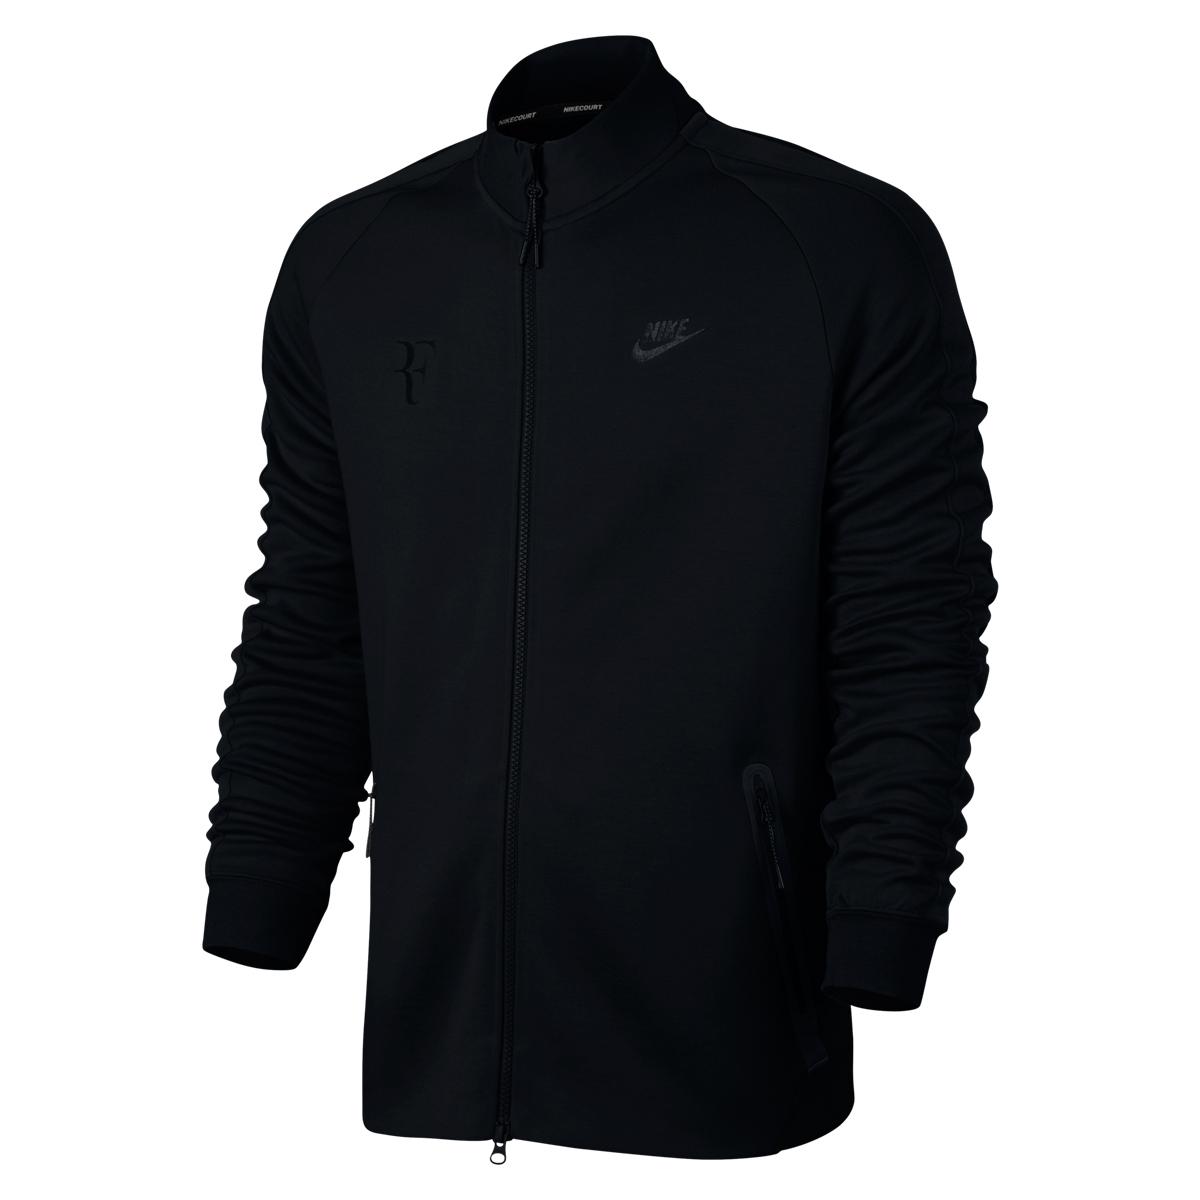 Roger Federer NikeCourt N98 RF Jacket